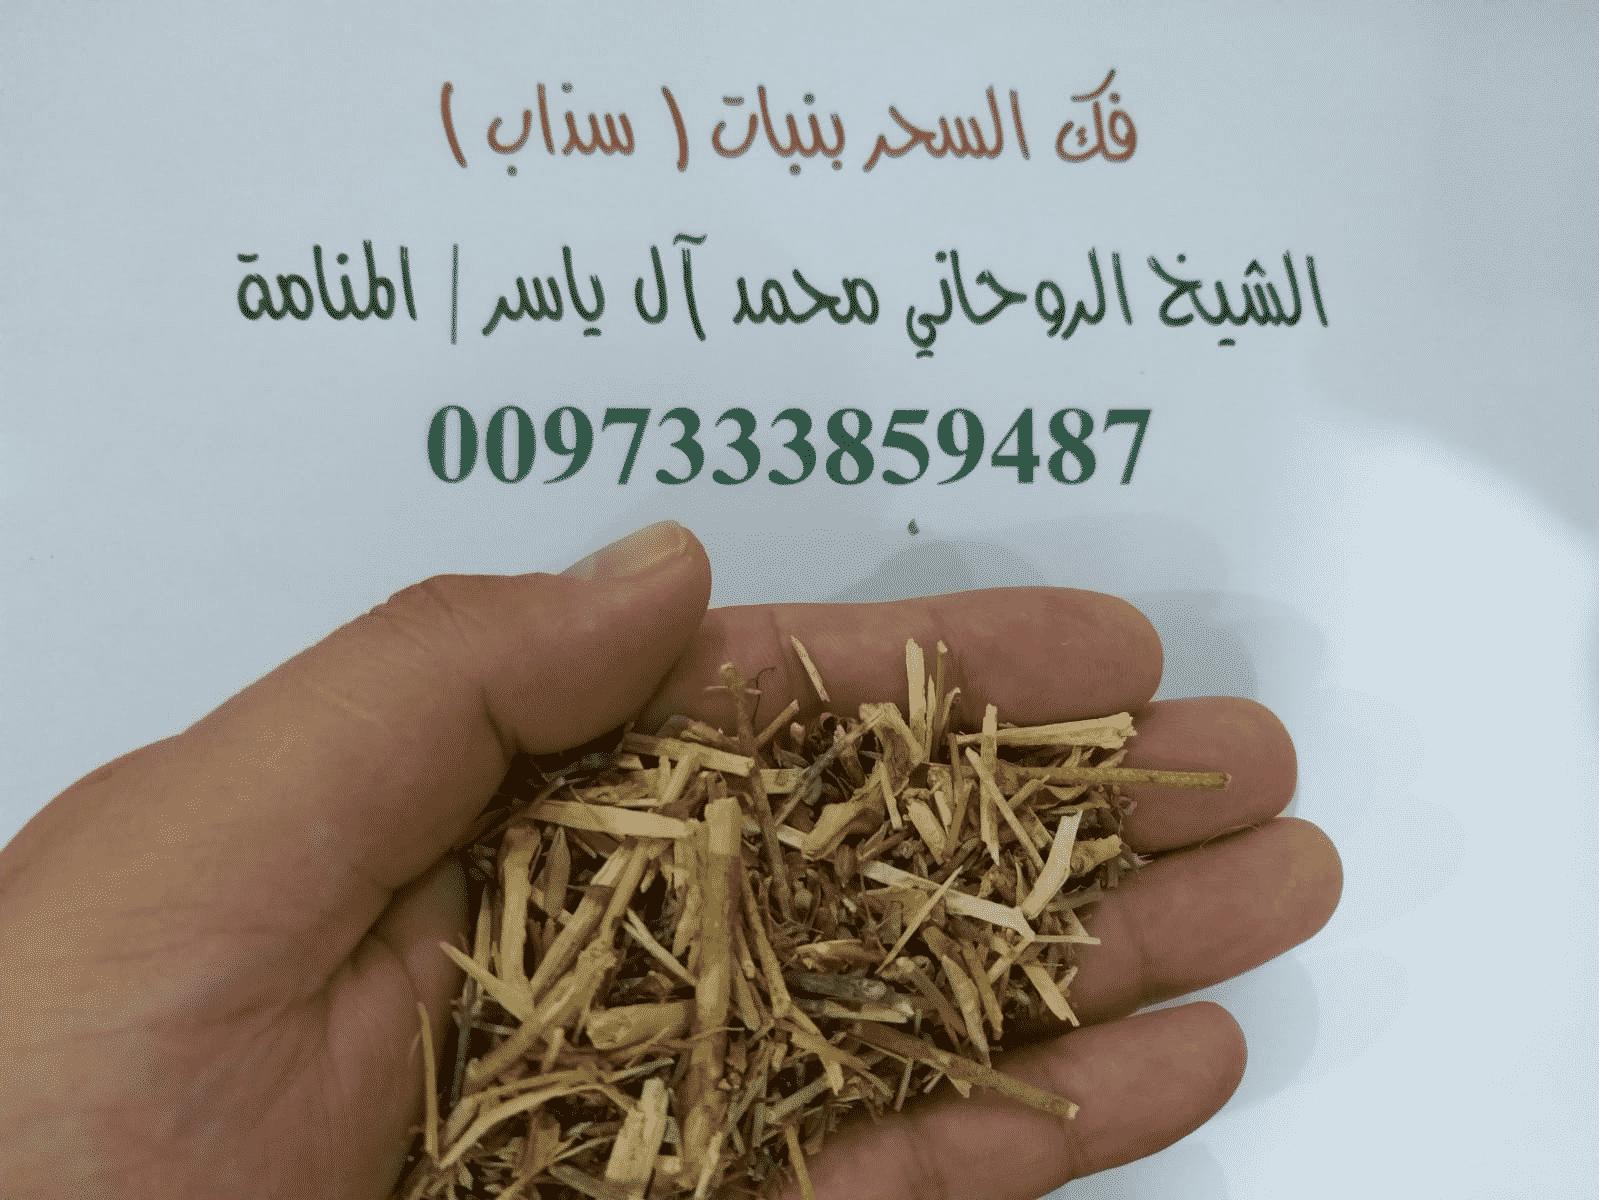 فك السحر بنبات (سذاب) الشيخ الروحاني محمدآل ياسر0097333859487